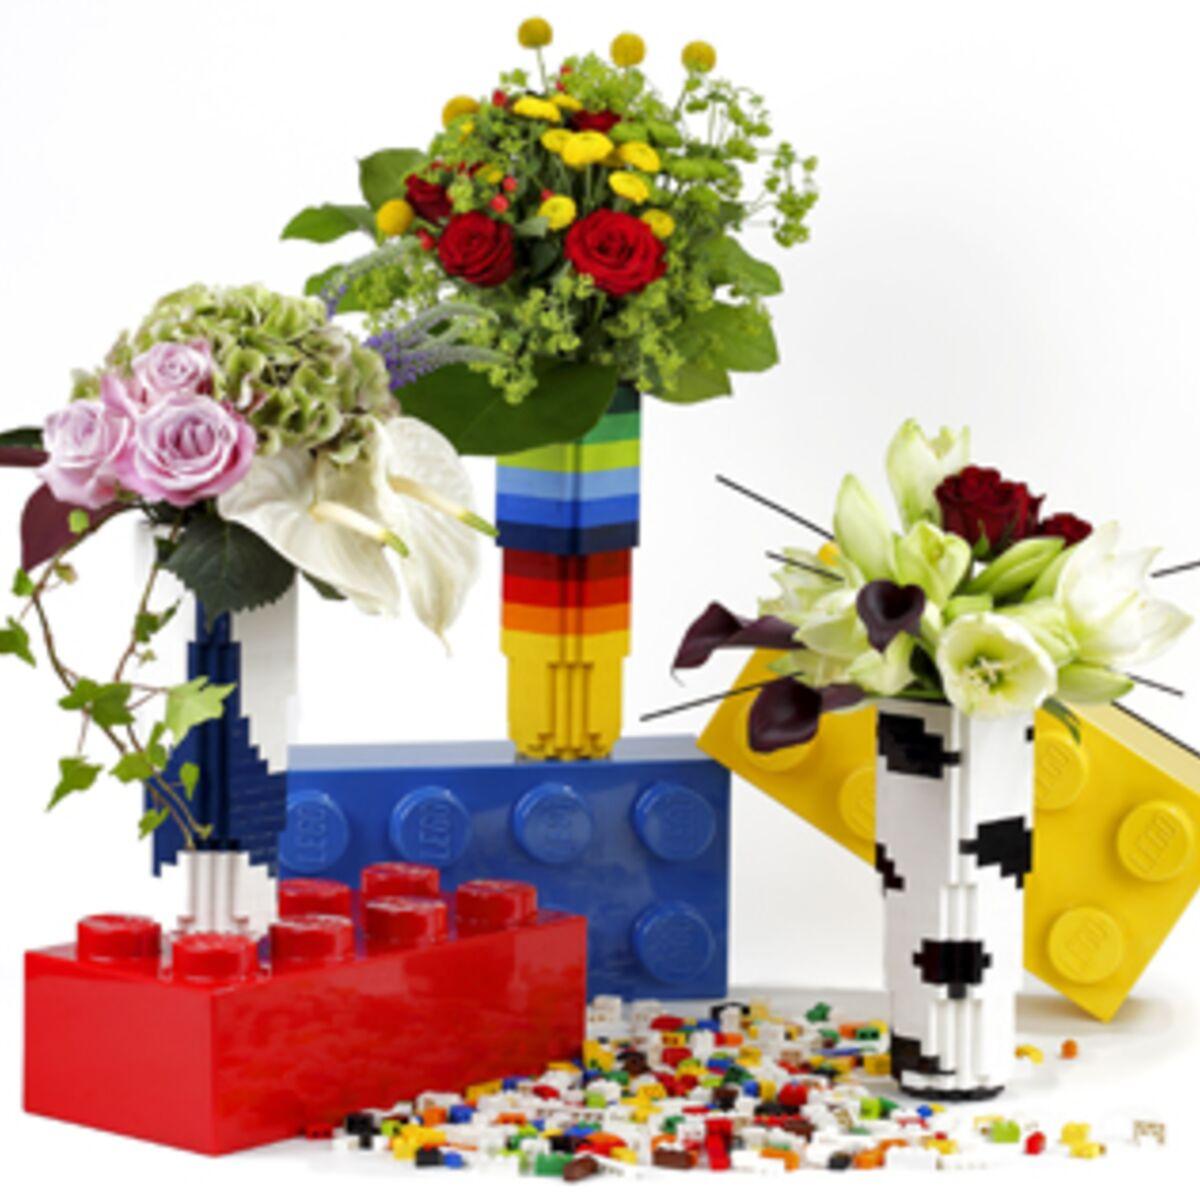 Comment Faire Un Bouquet De Roses comment faire des vases en lego ! : femme actuelle le mag